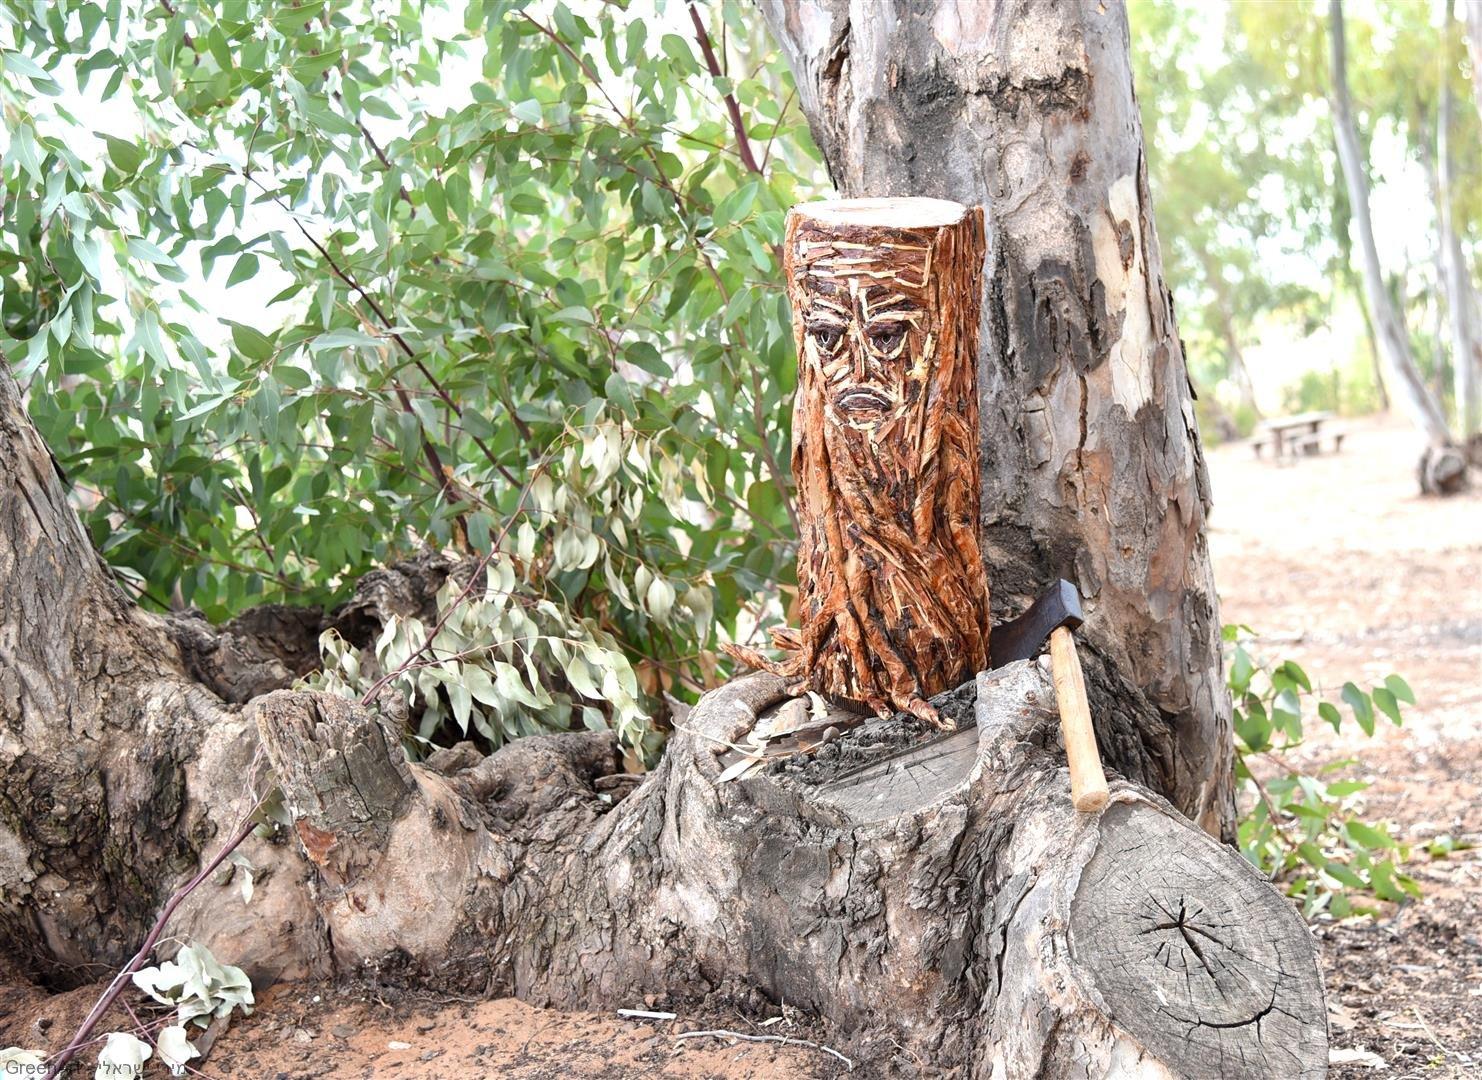 גזע בוכה ביער נגד כריתתם של העצים. RCO ART. צילום: ויקי מוצפי